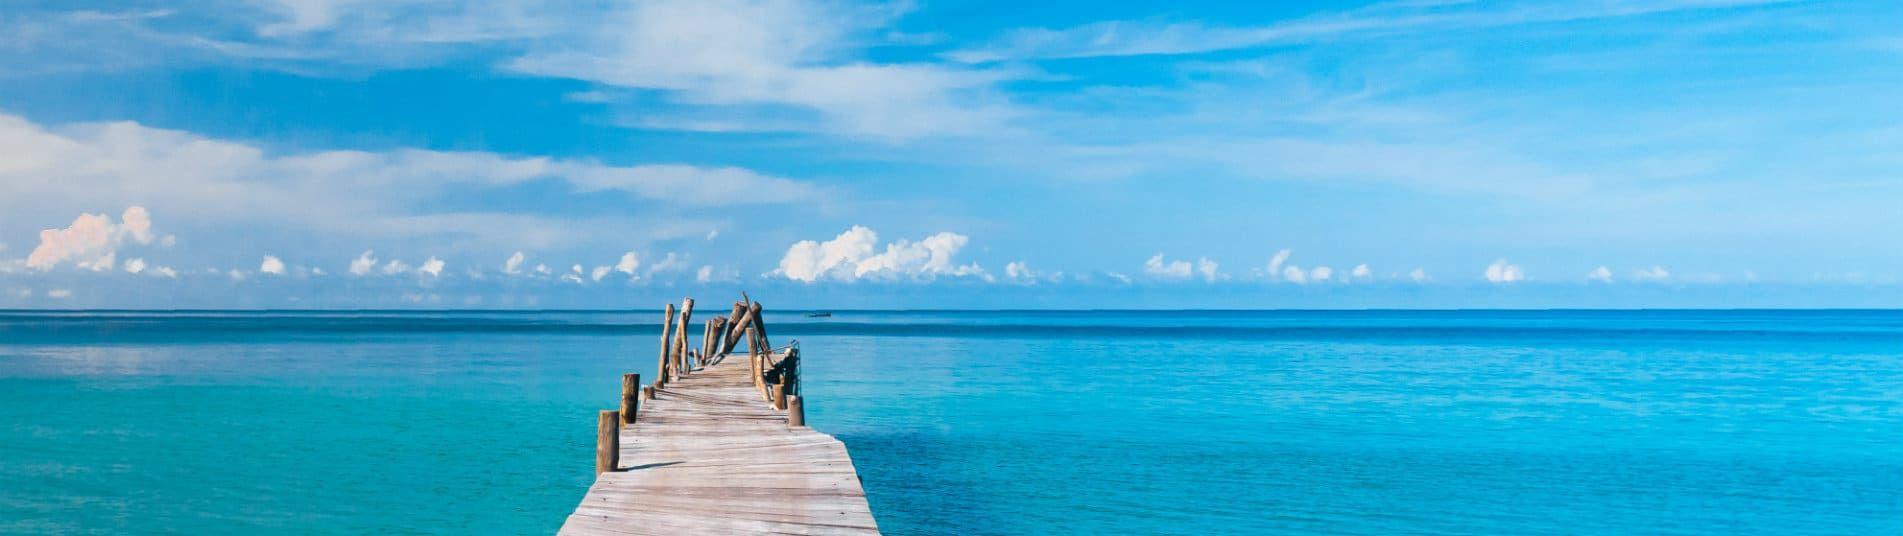 Blog voyage : quelle est la meilleure chose à propos des voyages ?